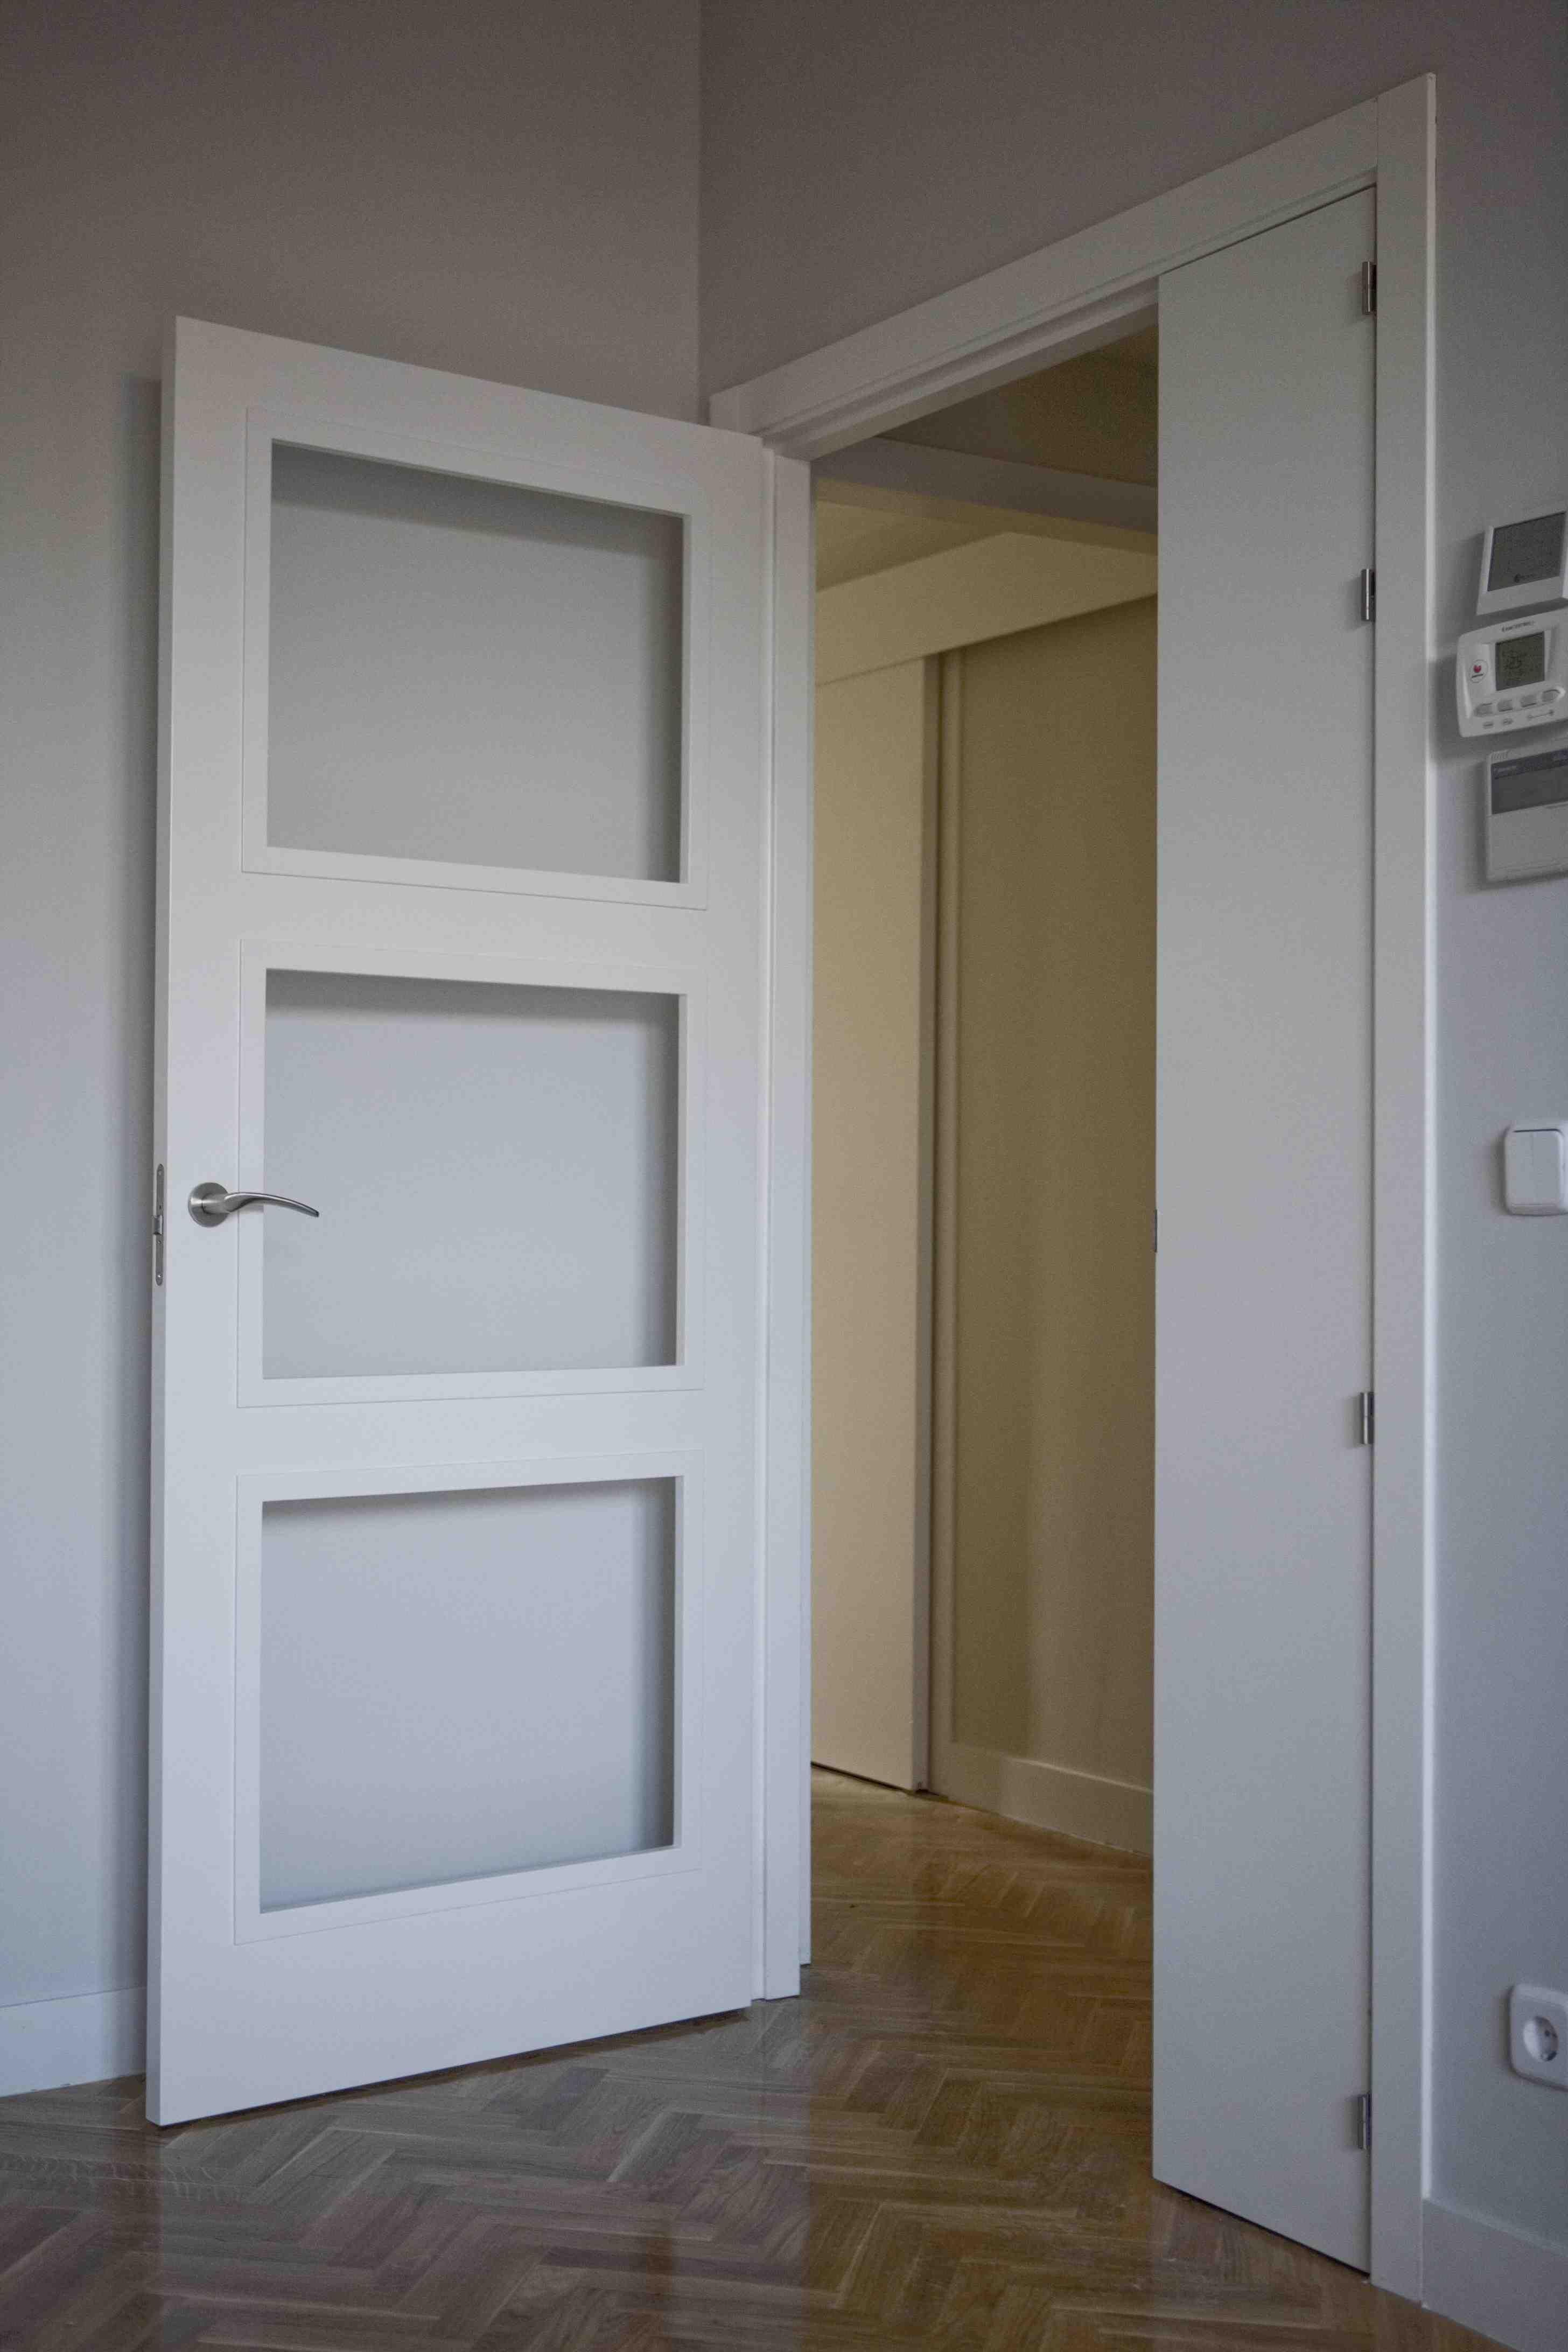 Puerta de paso realizada en madera dm - Puertas paso blancas ...